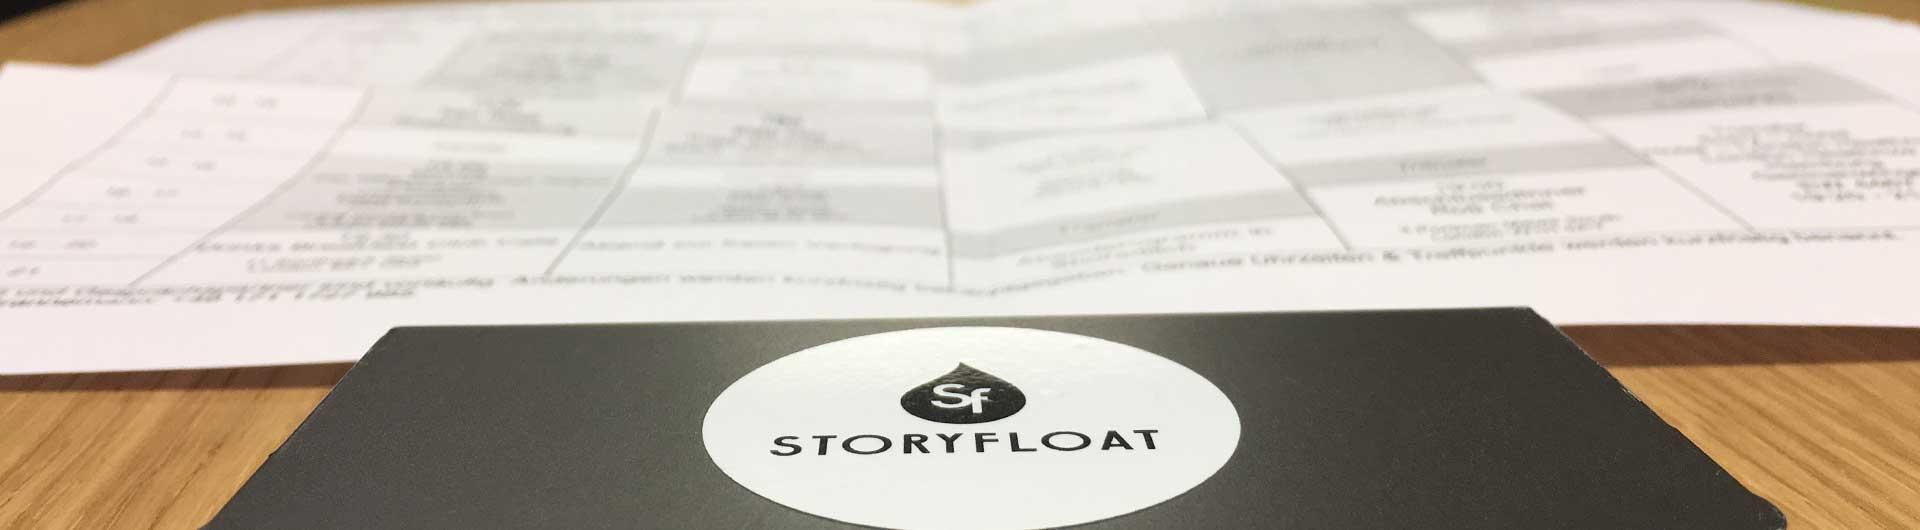 teaser-storyfloat